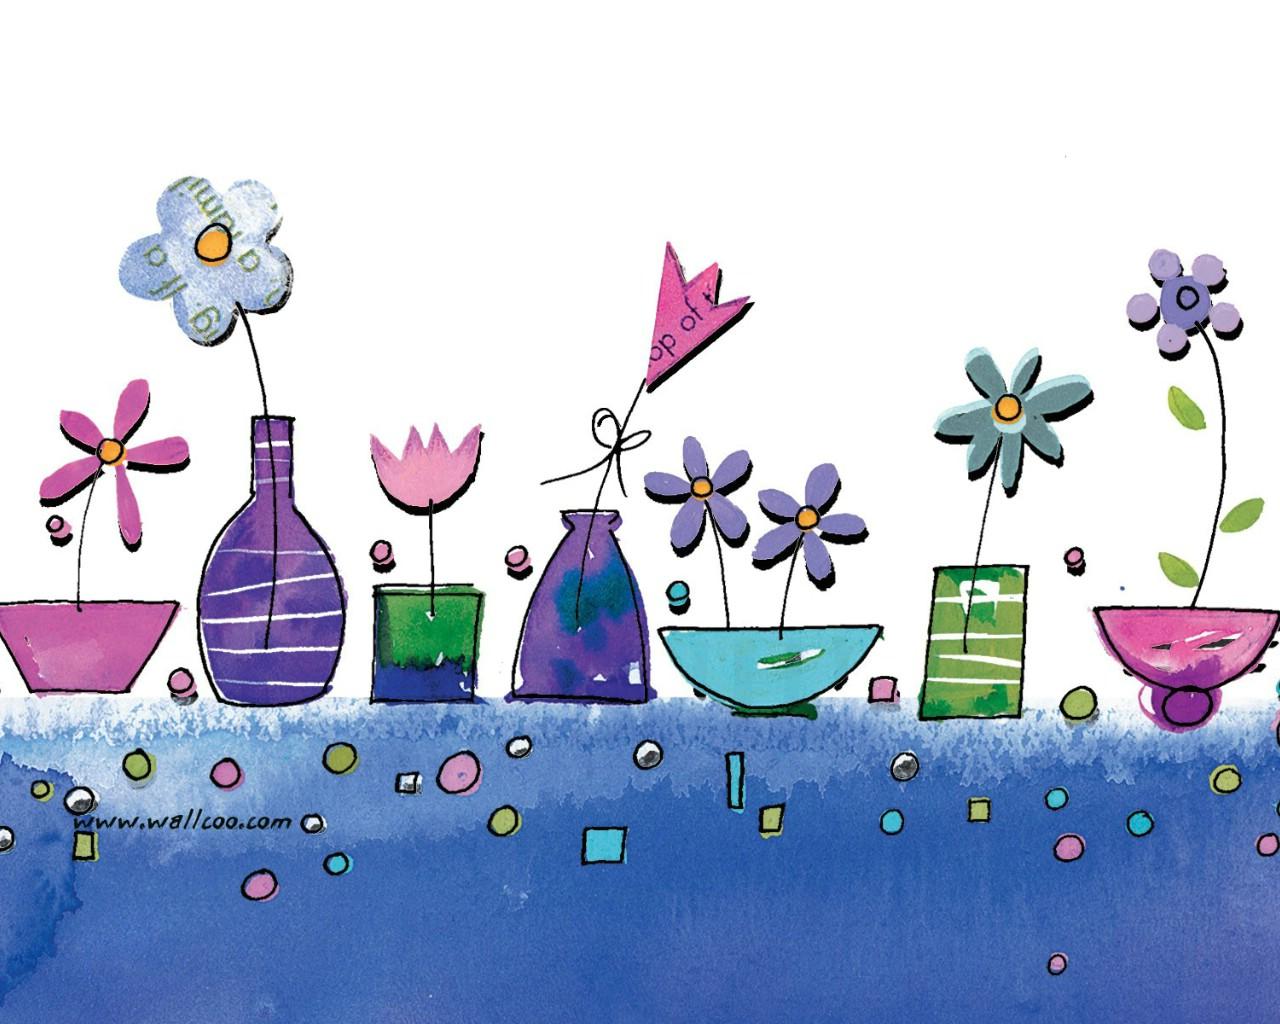 壁纸1280×1024花卉图案设计 可爱花卉插画壁纸壁纸 艺术与抽象花卉壁纸壁纸图片花卉壁纸花卉图片素材桌面壁纸